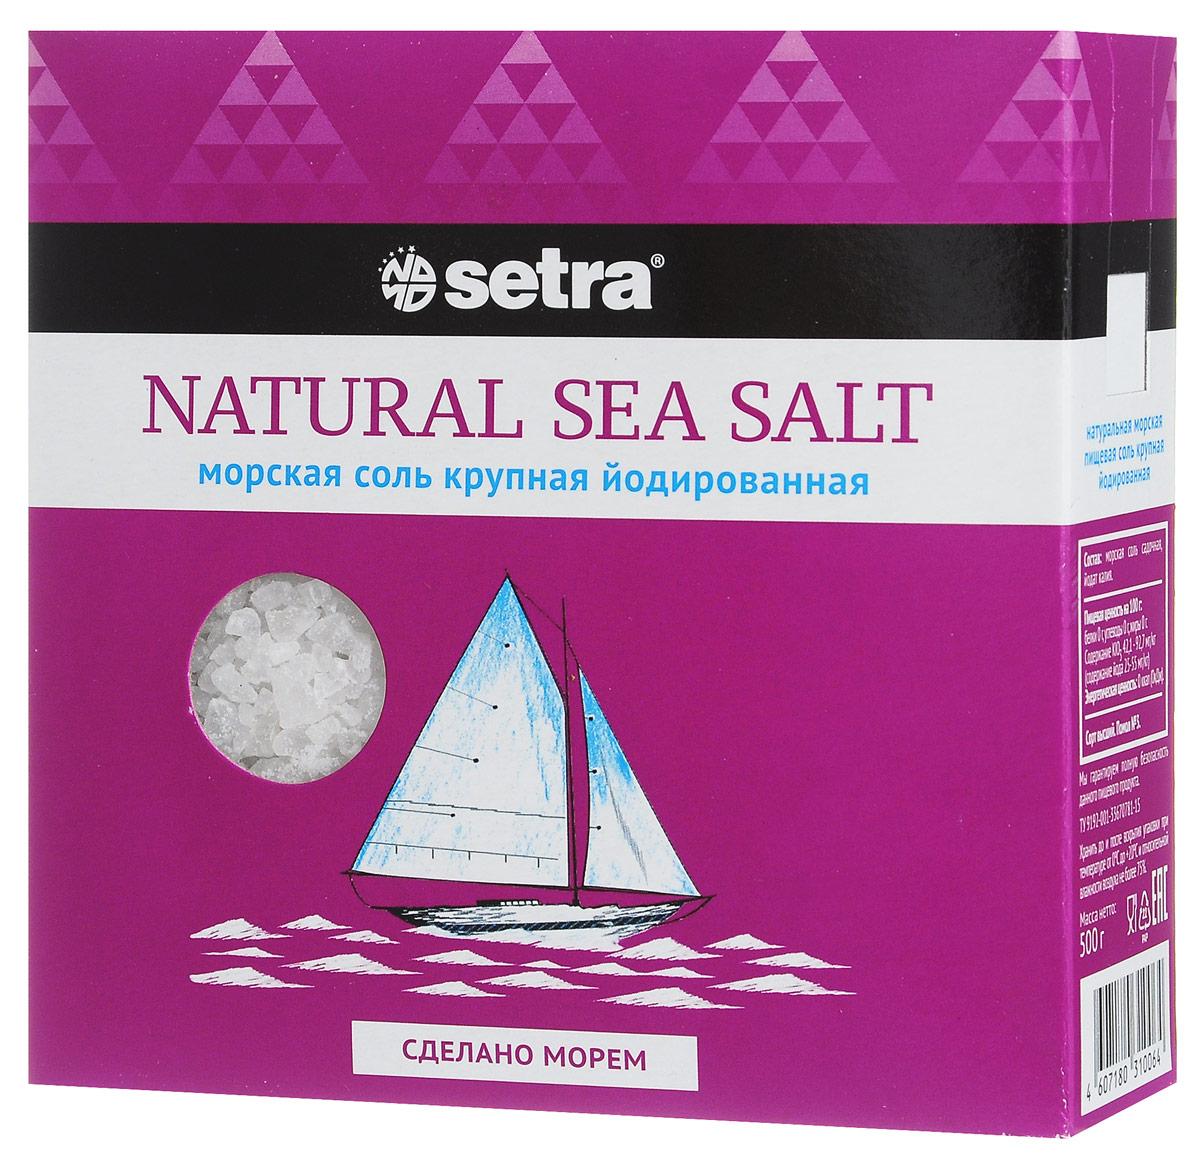 Setra соль морская крупная йодированная, 500 г бте003